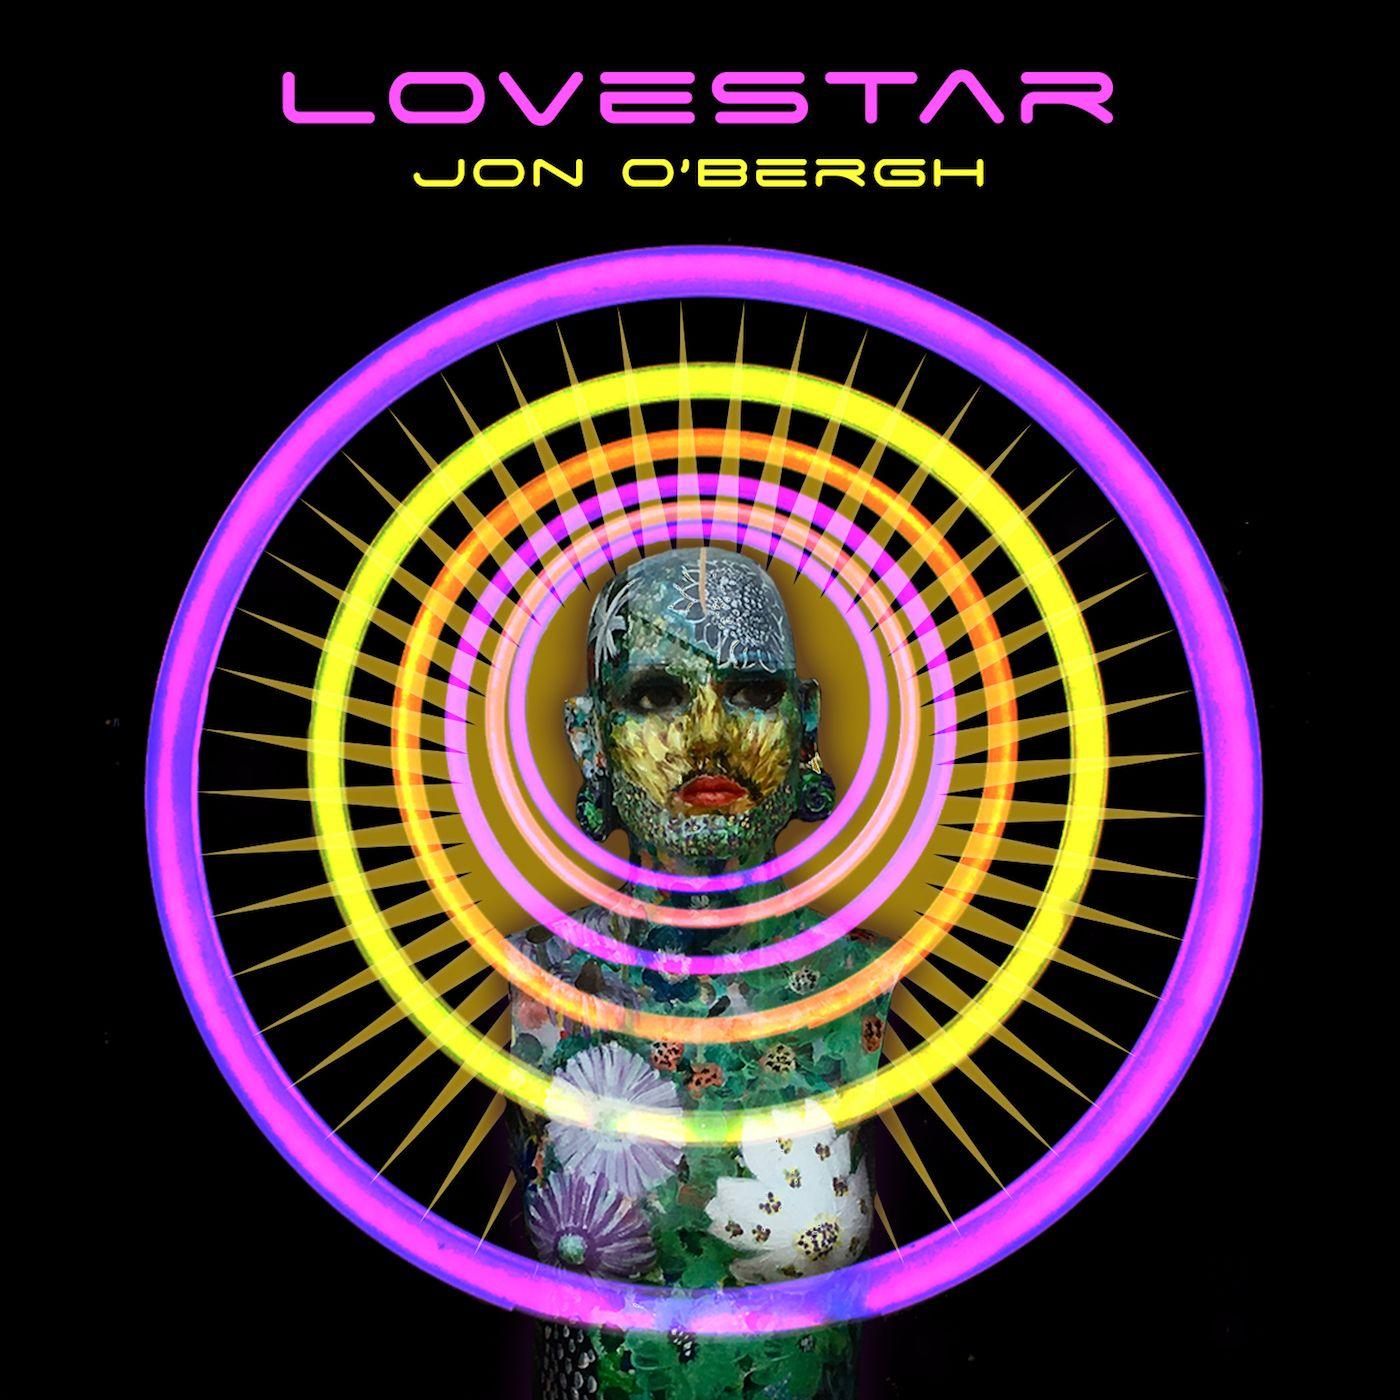 LoveStar album cover